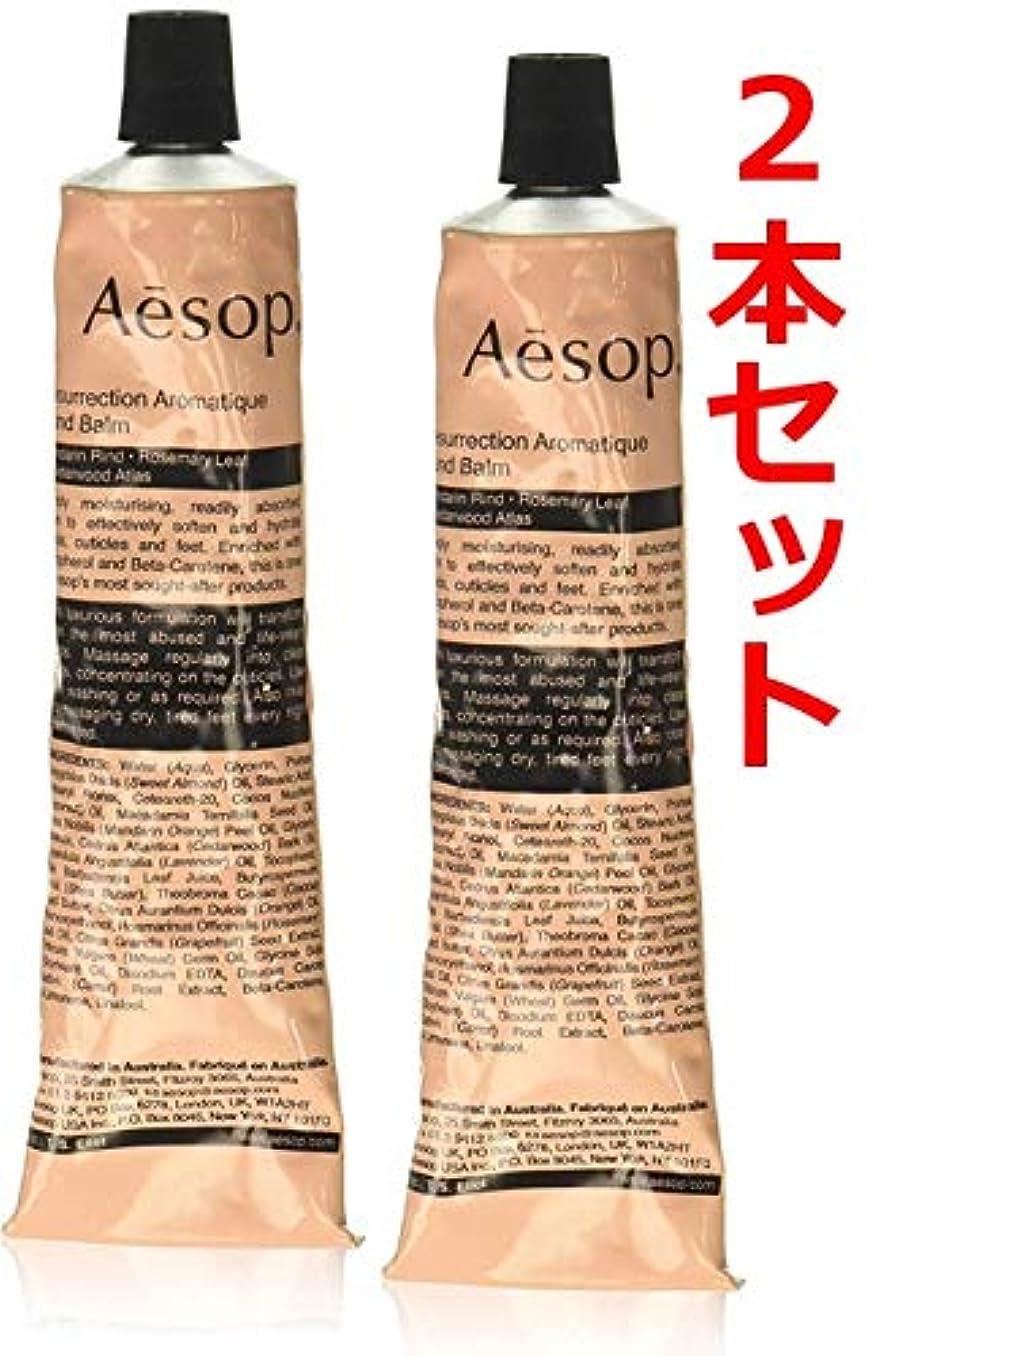 職業挽くブラウザイソップ(Aesop) レスレクション ハンドバーム 75ml 2本セット [並行輸入品]